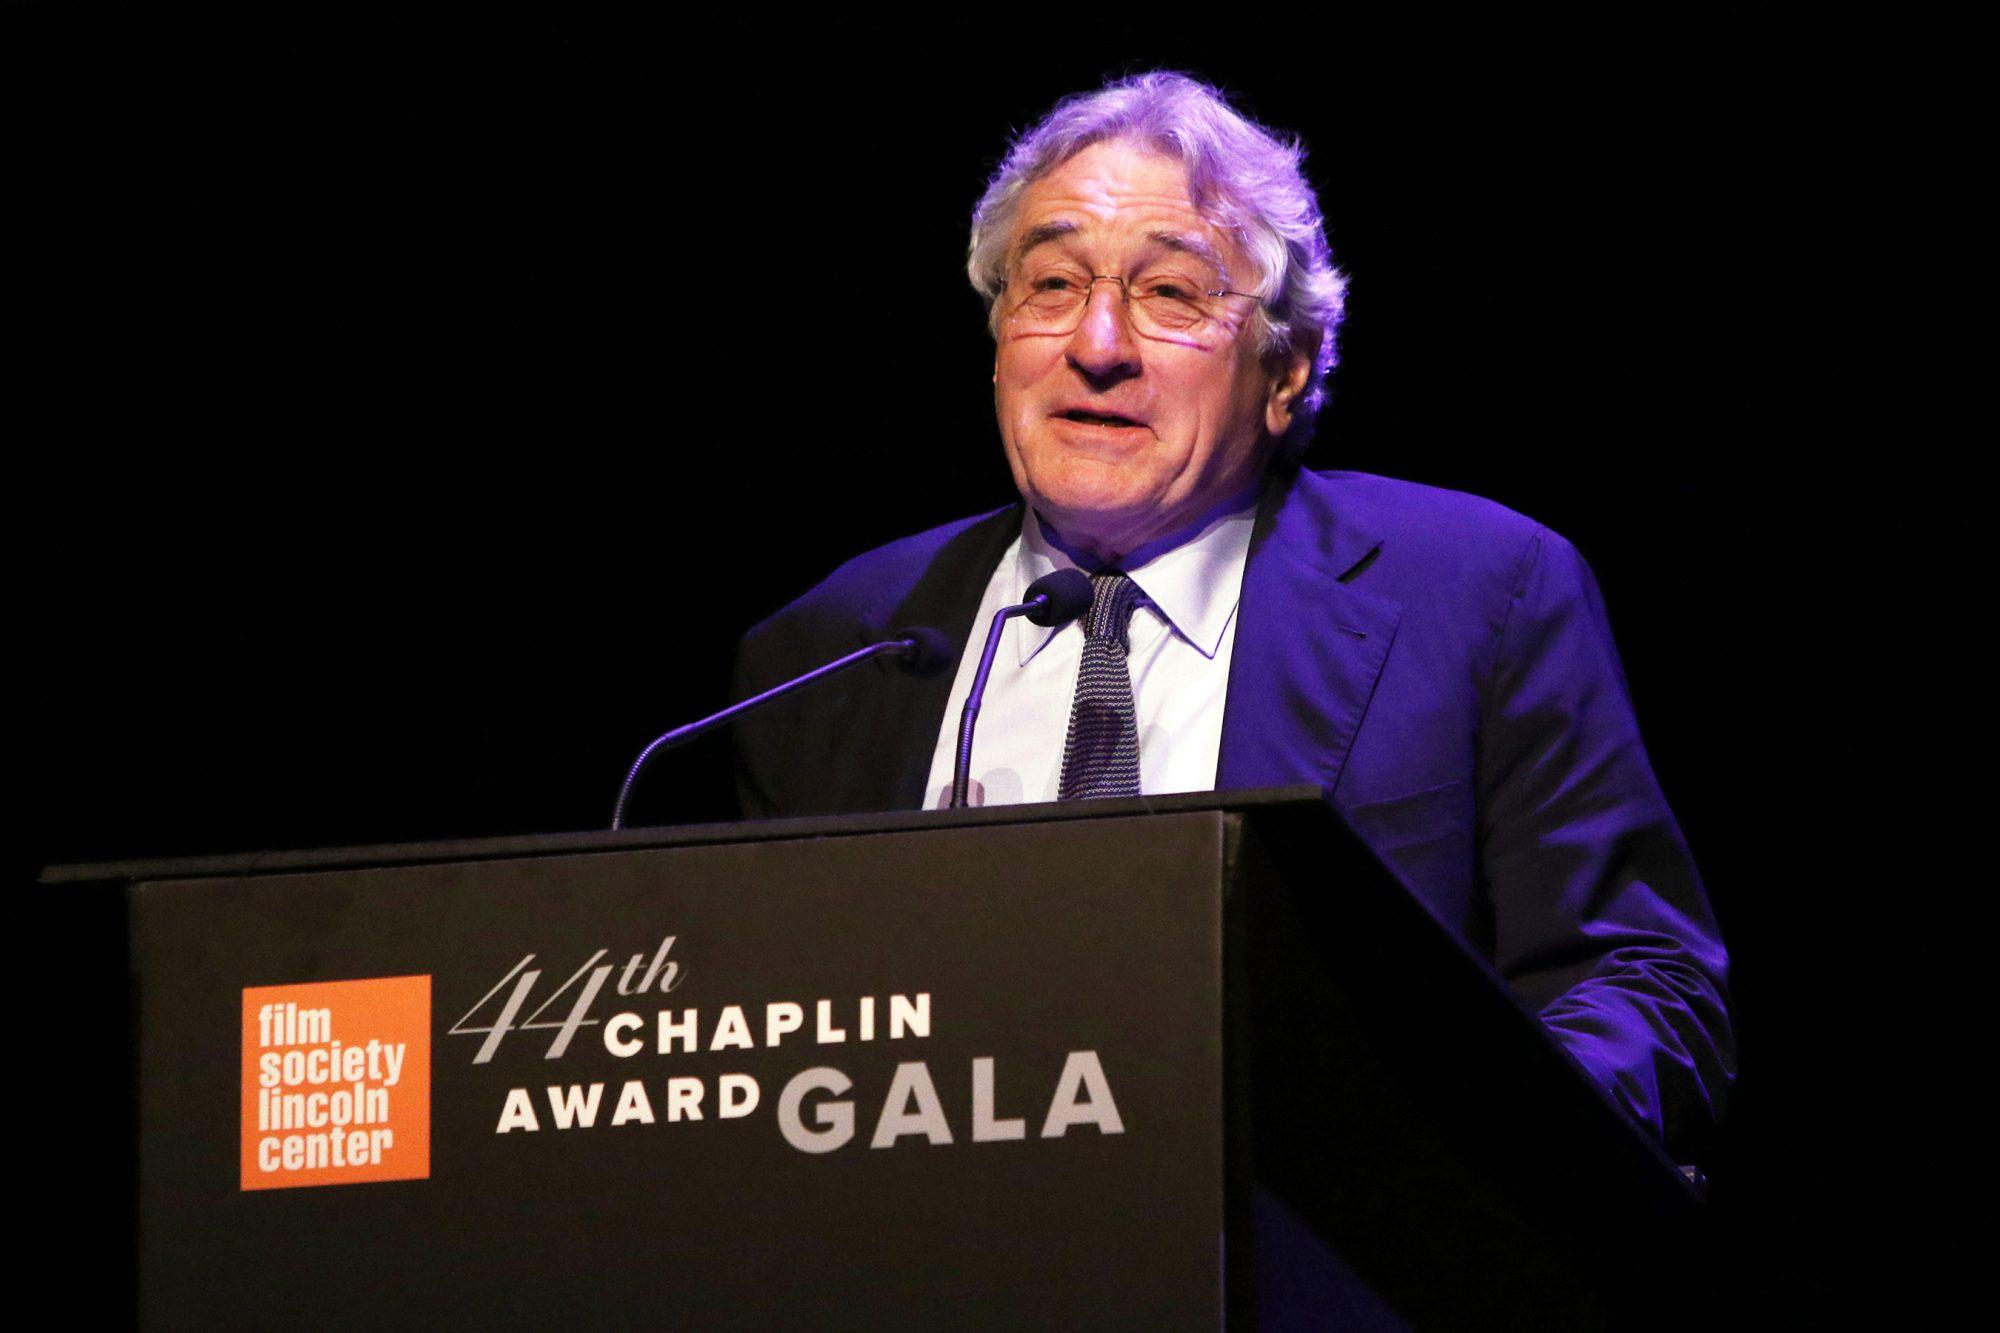 44th Chaplin Award Gala - Show